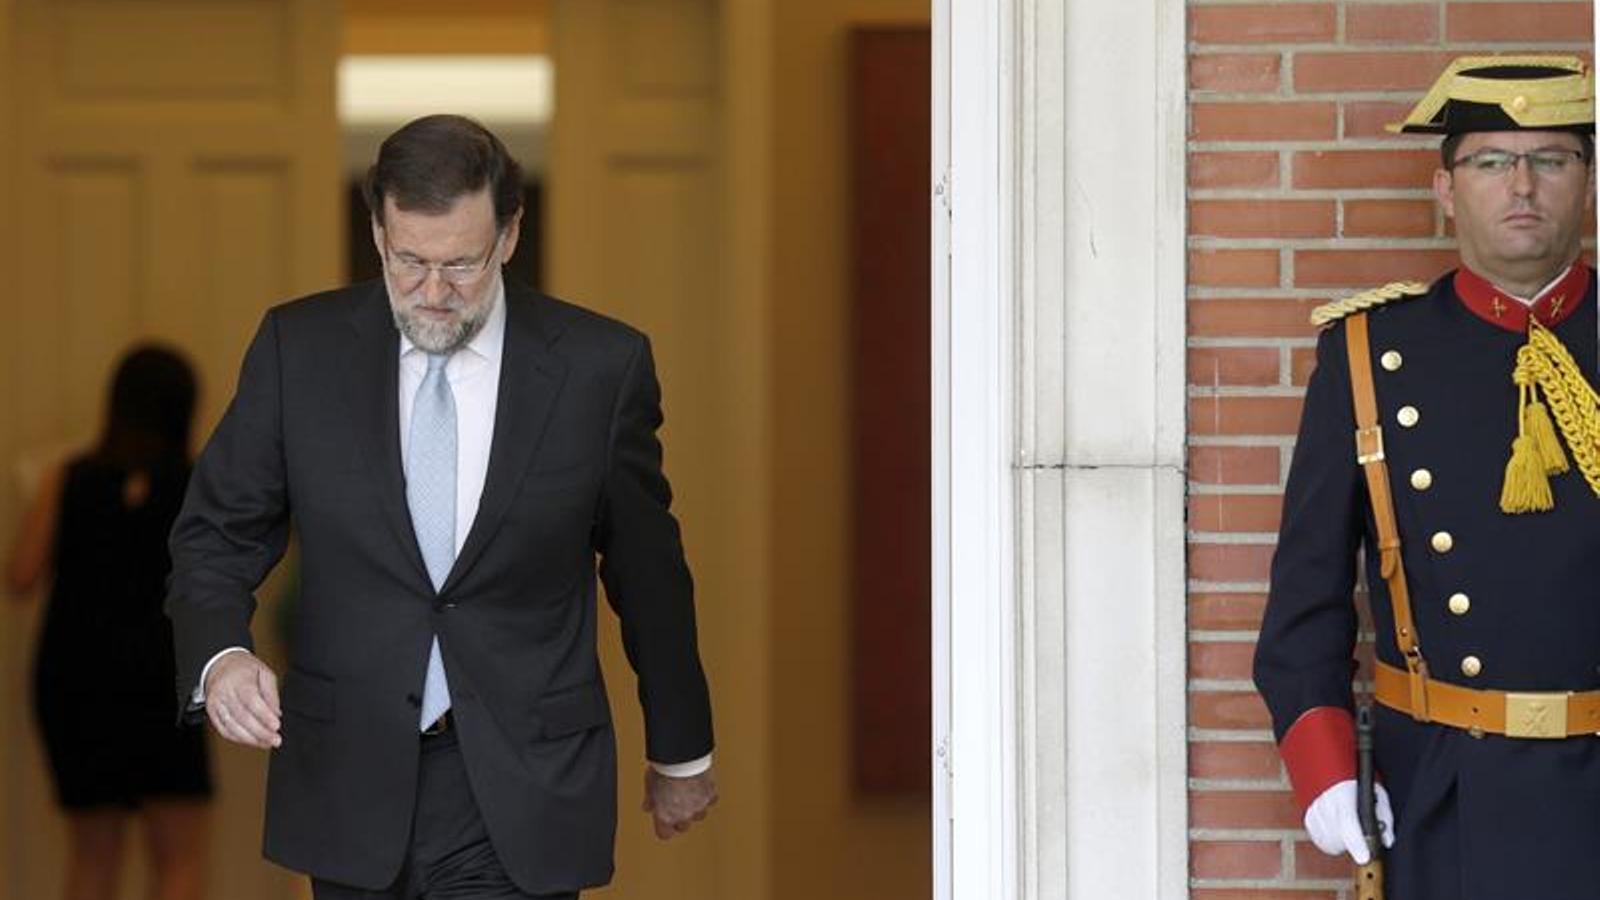 El president Rajoy, sortint del palau de la Moncloa / EFE